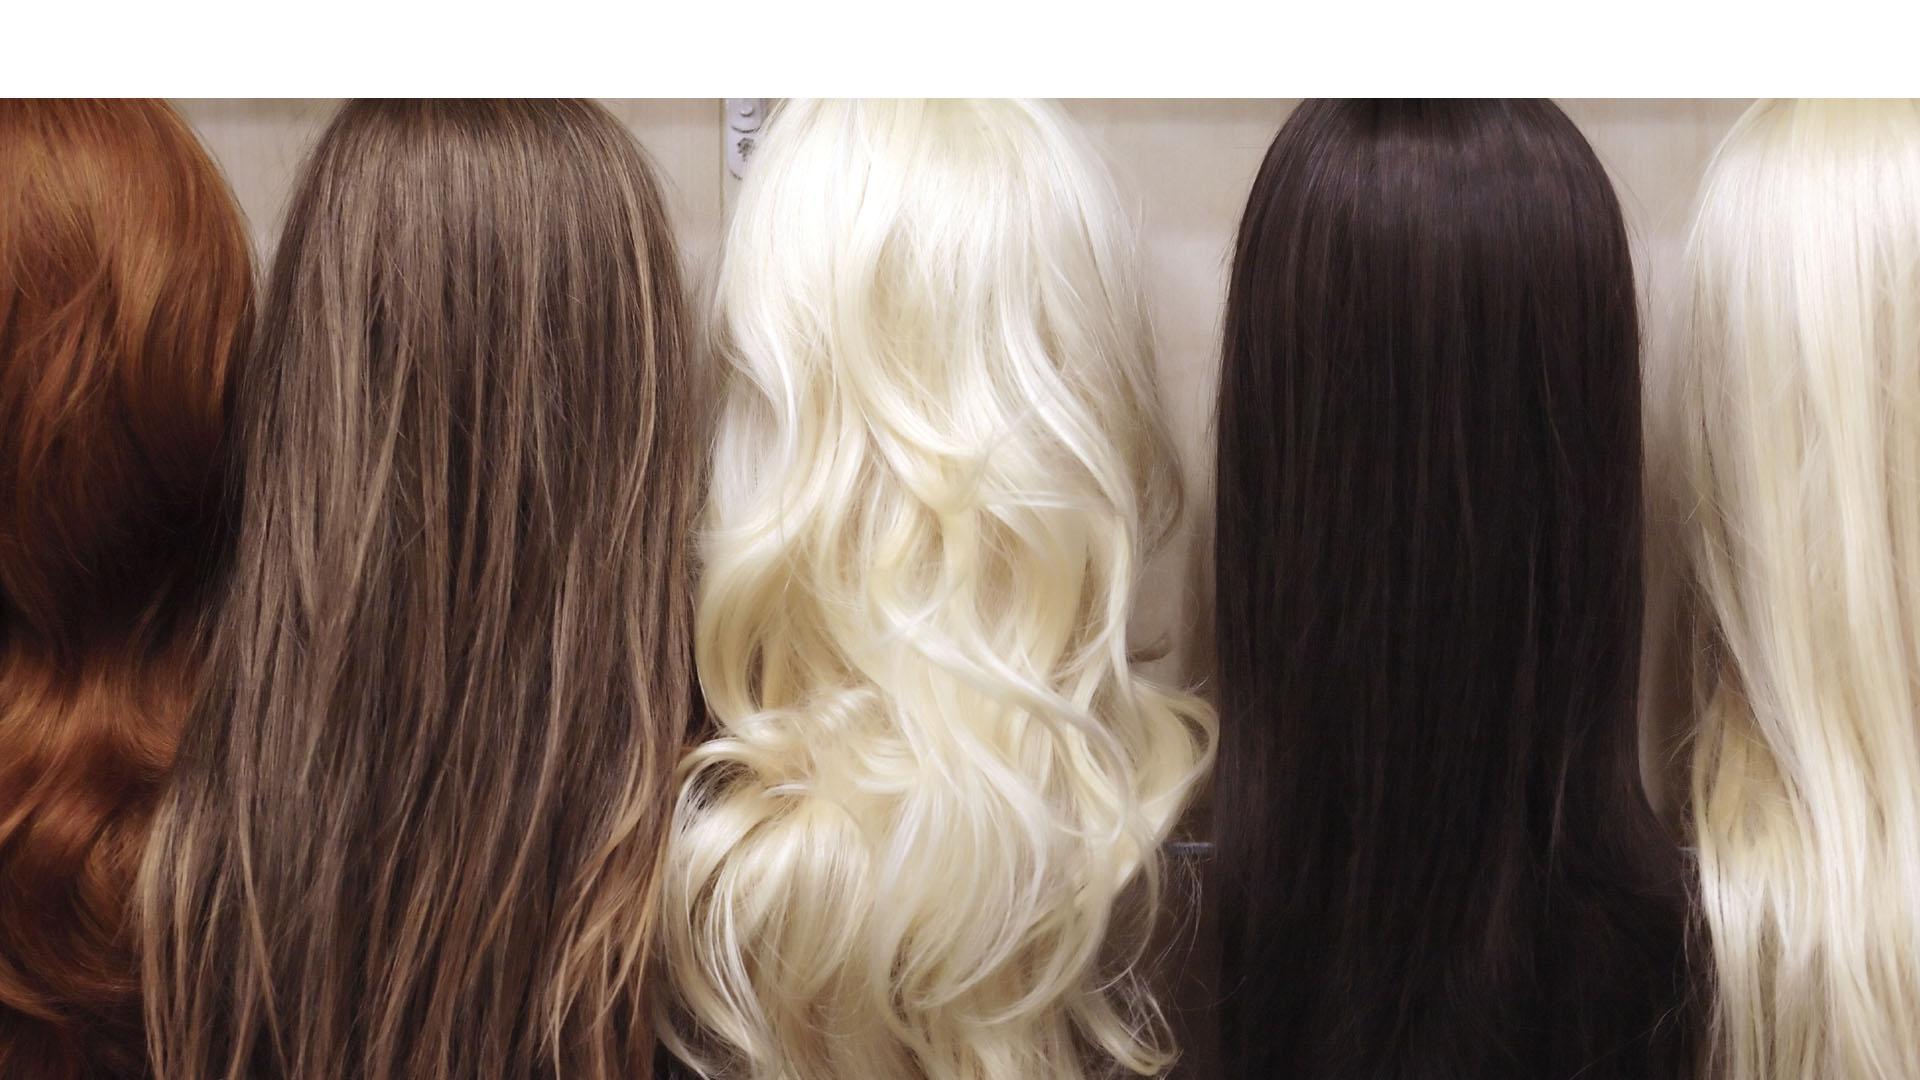 Se estima que más del 90% de las mujeres africanas no llevan su cabello natural